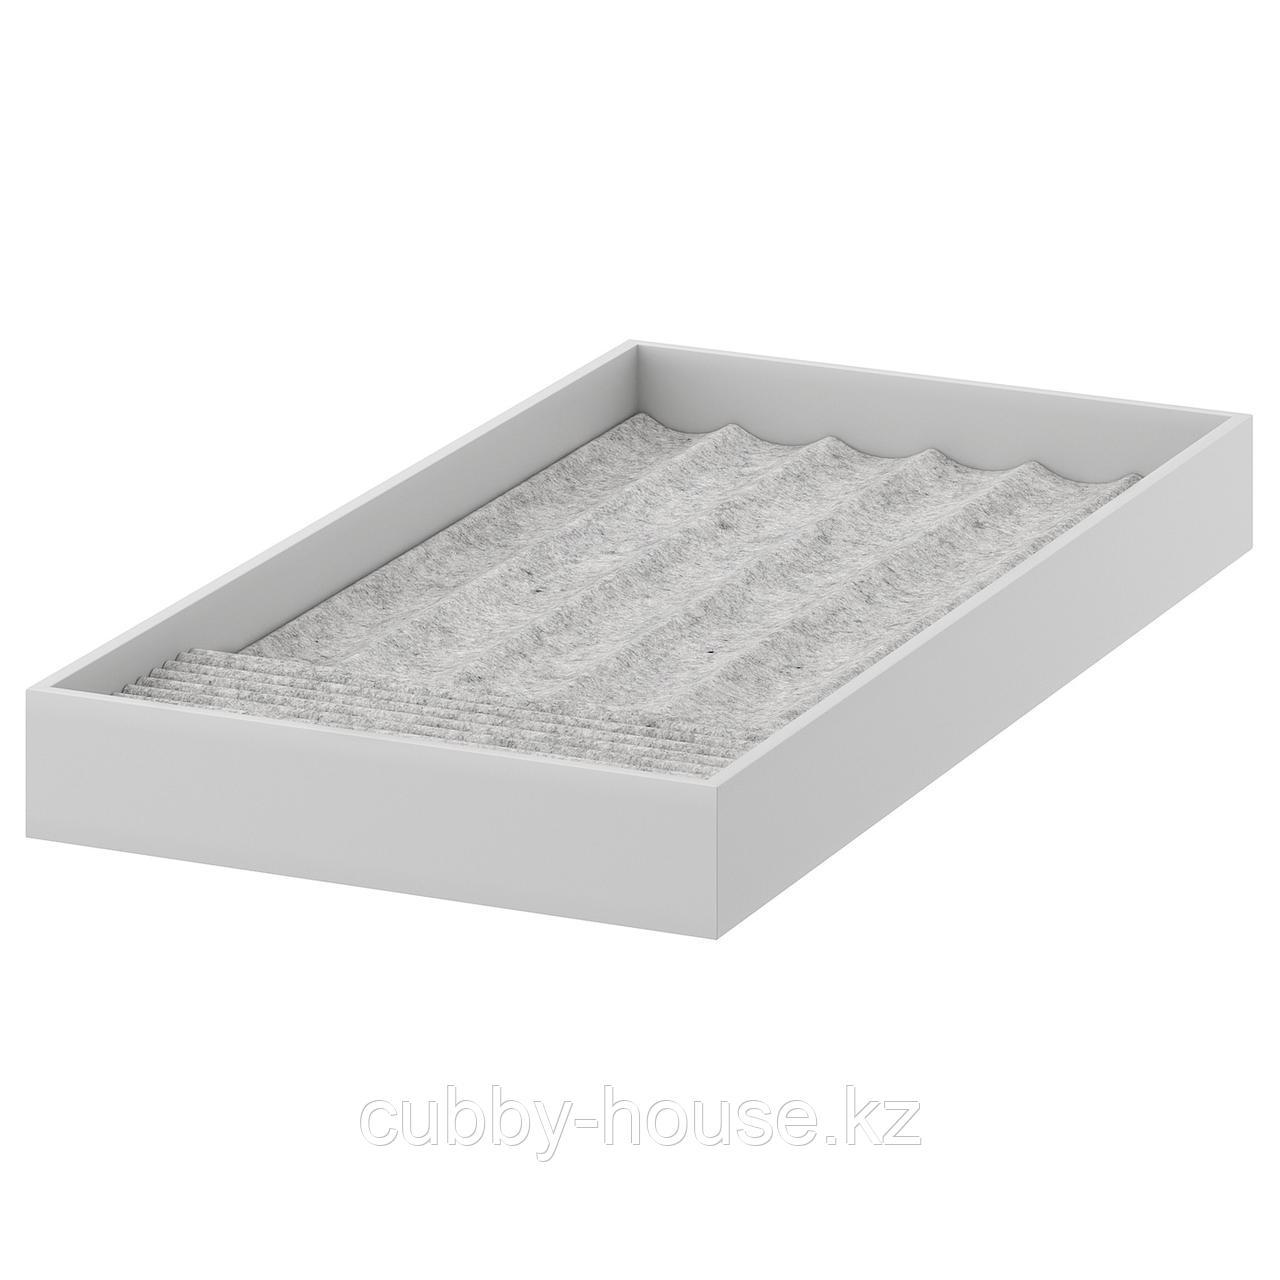 КОМПЛИМЕНТ Вставка для украшений, светло-серый, 25x53x5 см